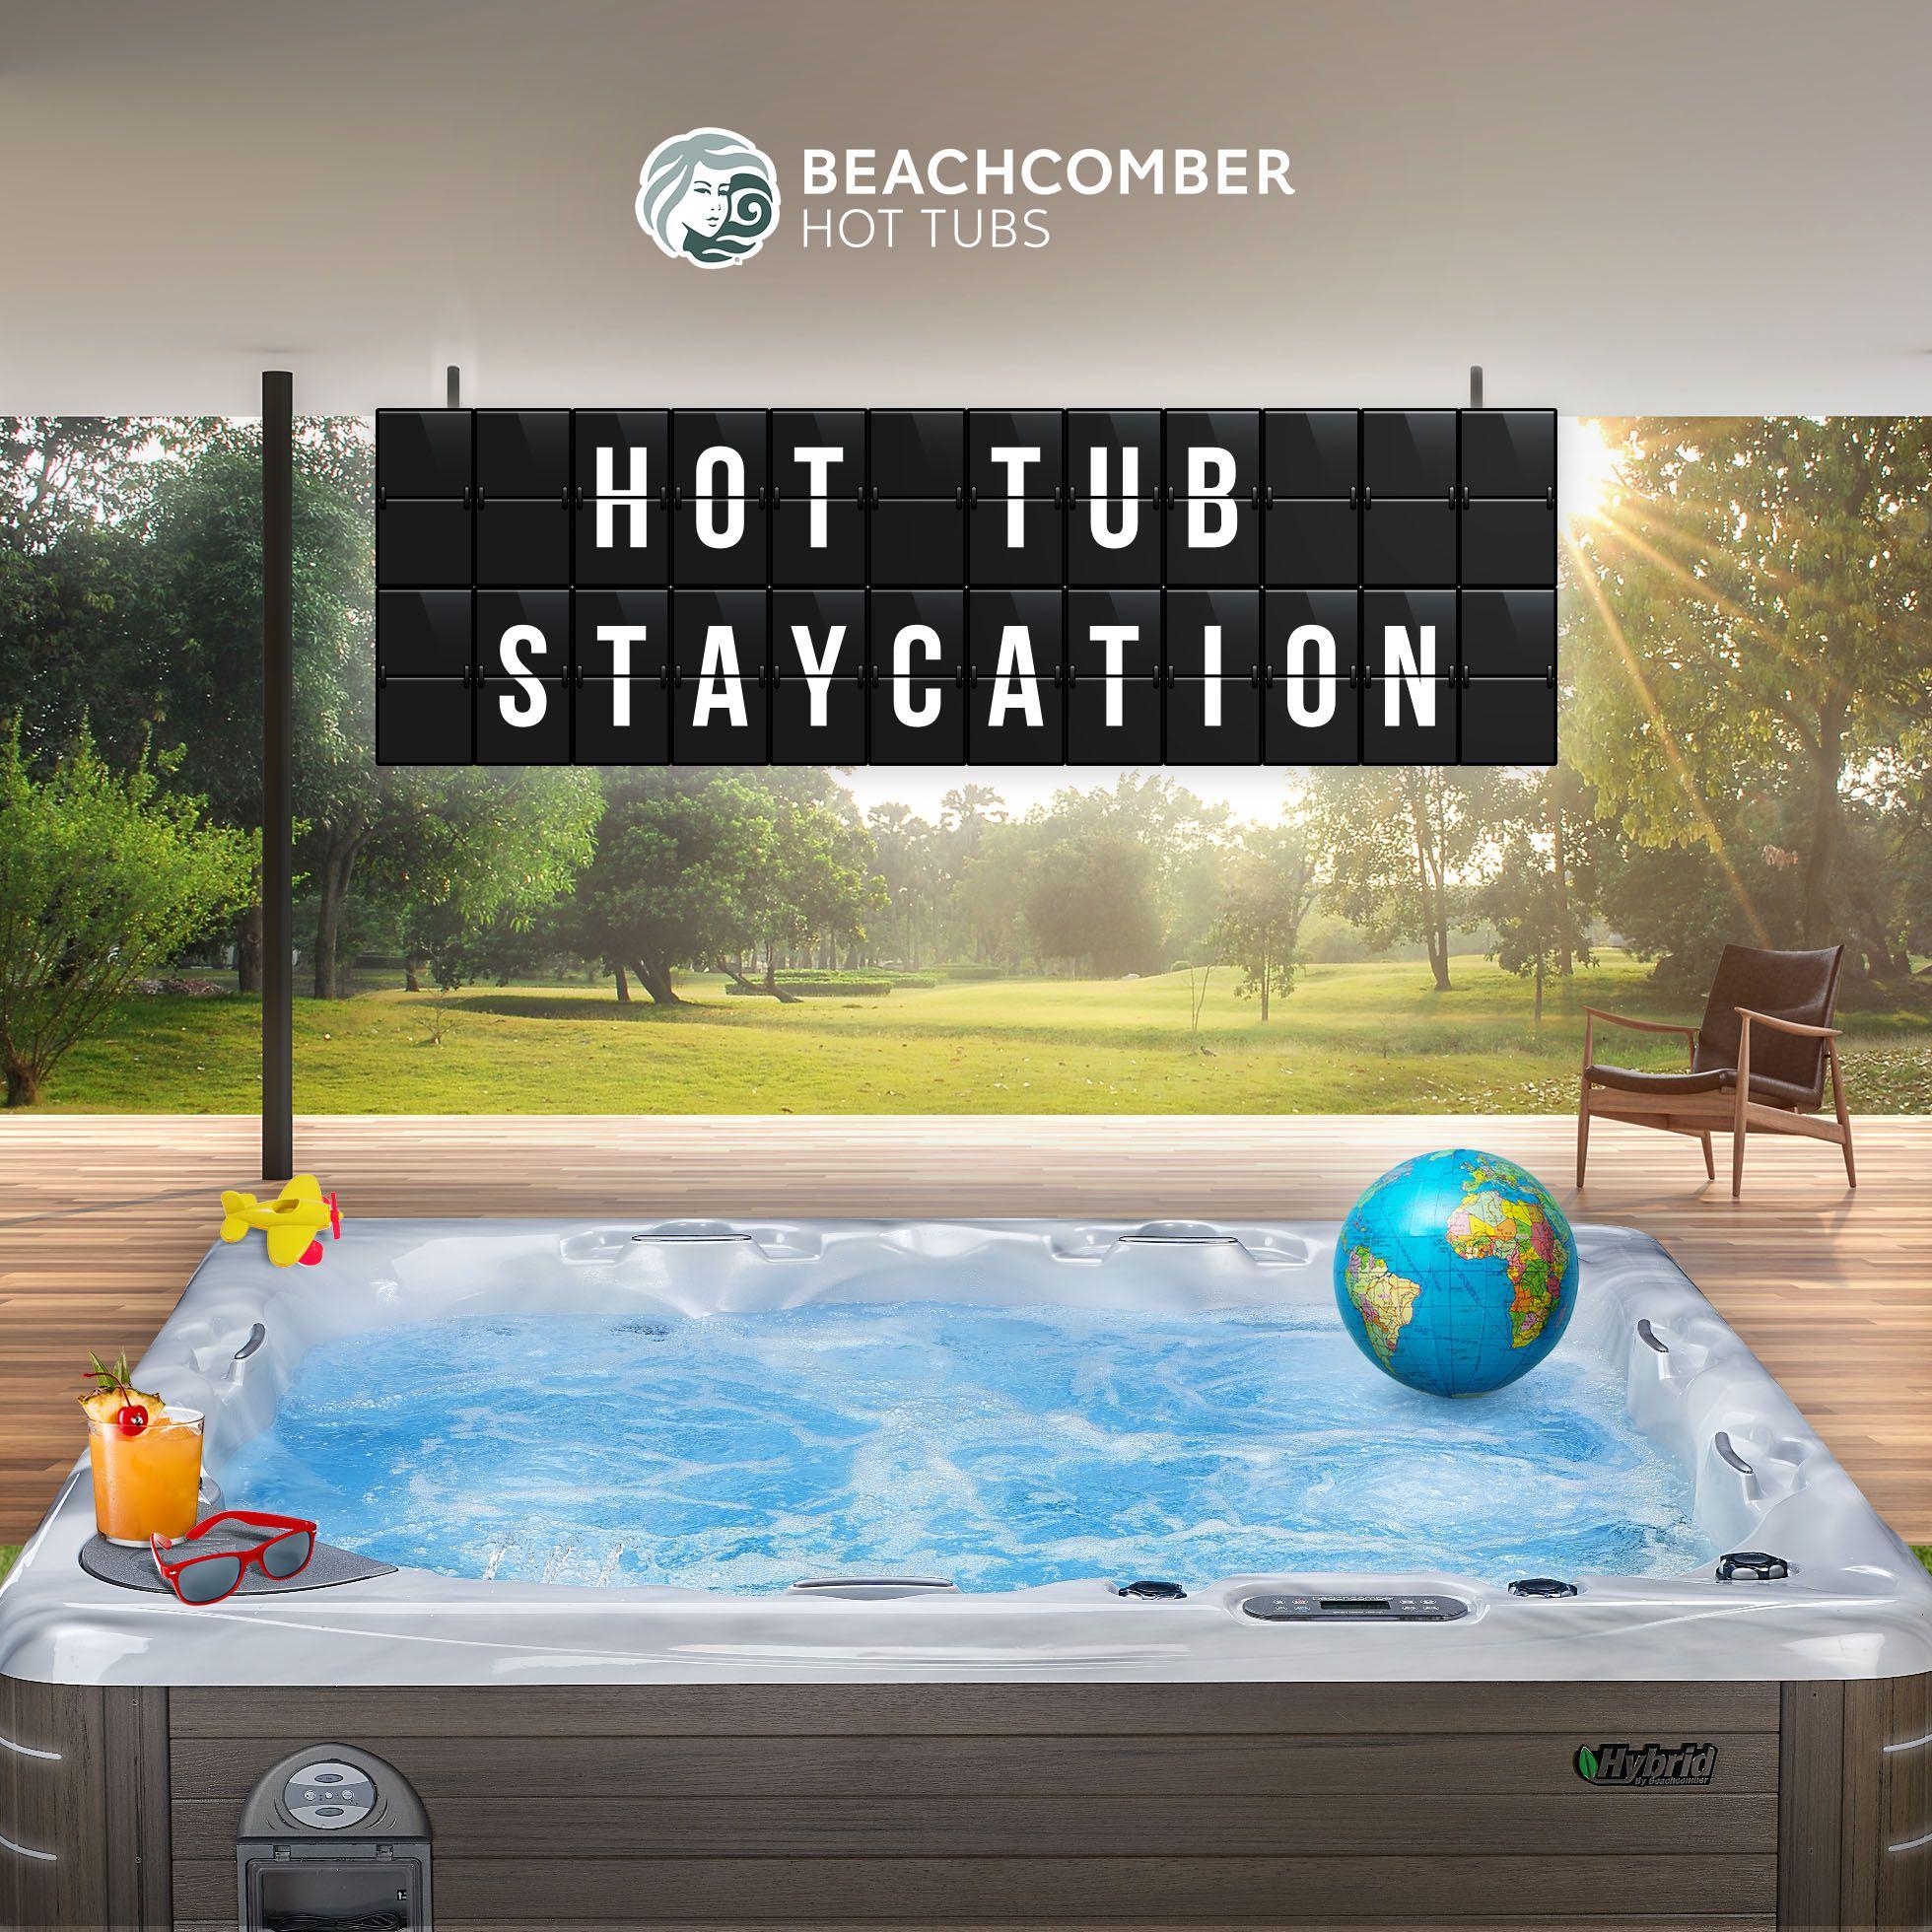 Hot Tub Staycation.jpg